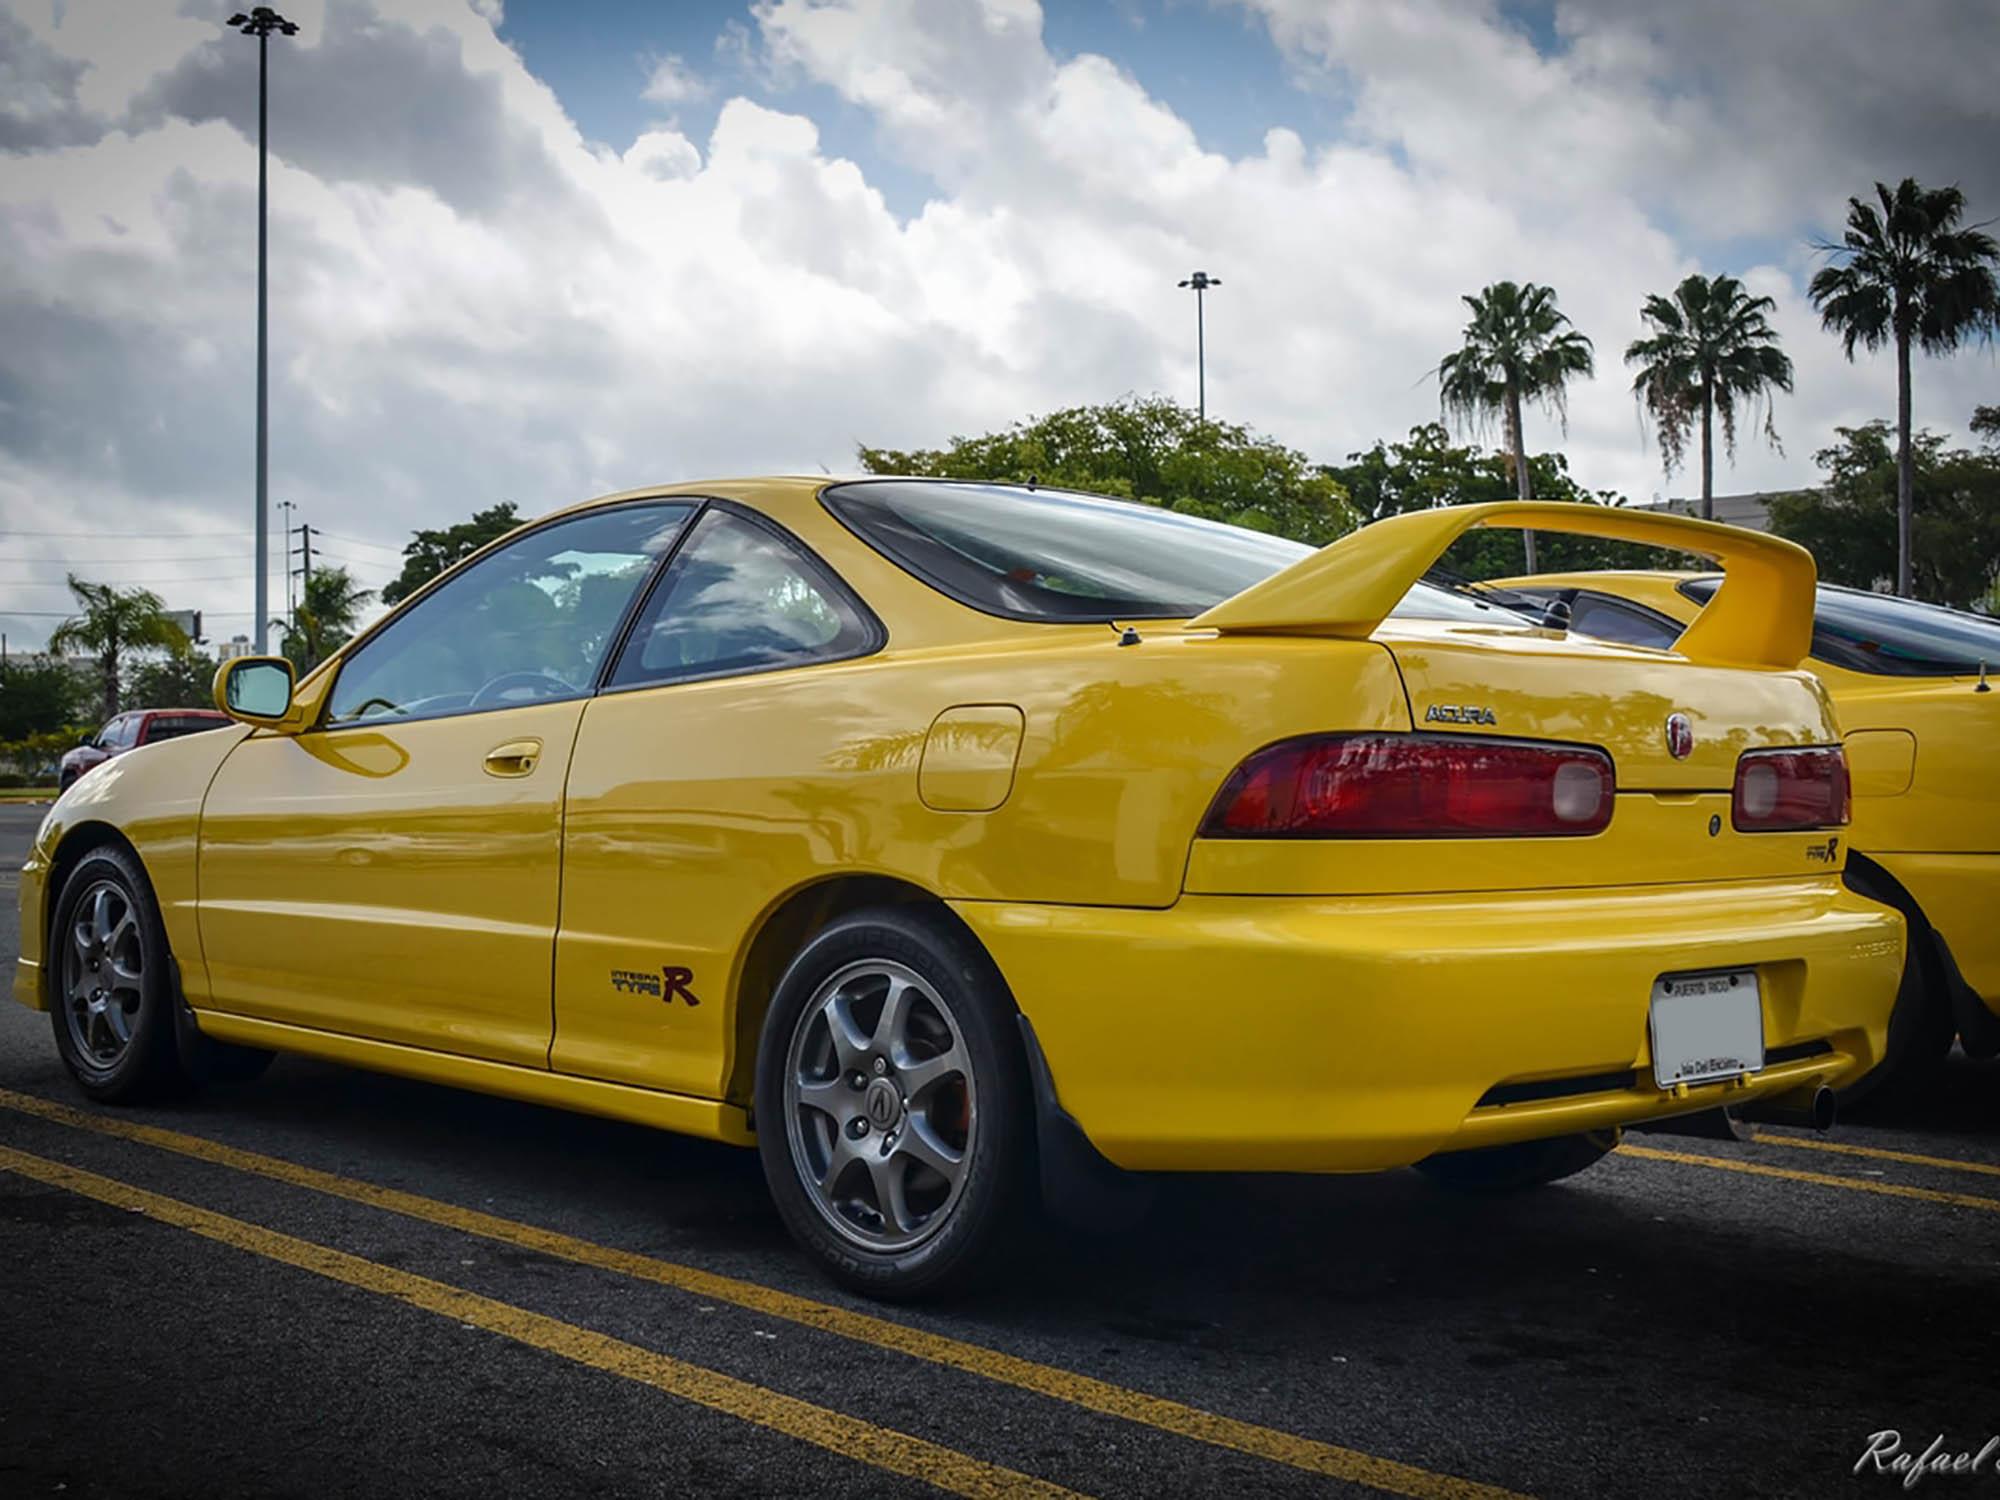 2000 Acura Integra Type-R in Phoenix Yellow